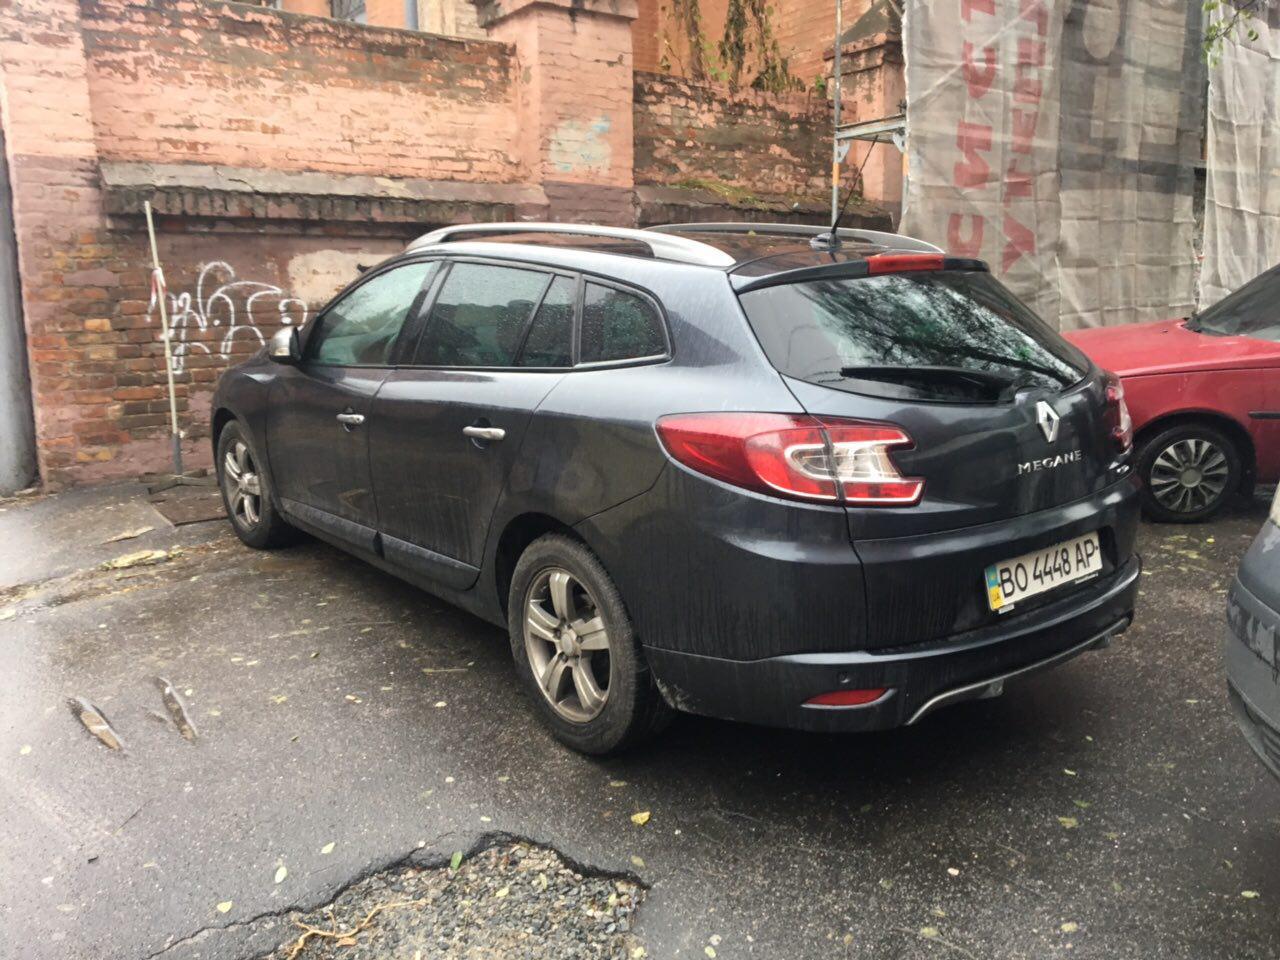 Припаркун чуть-чуть не дотянул до стены